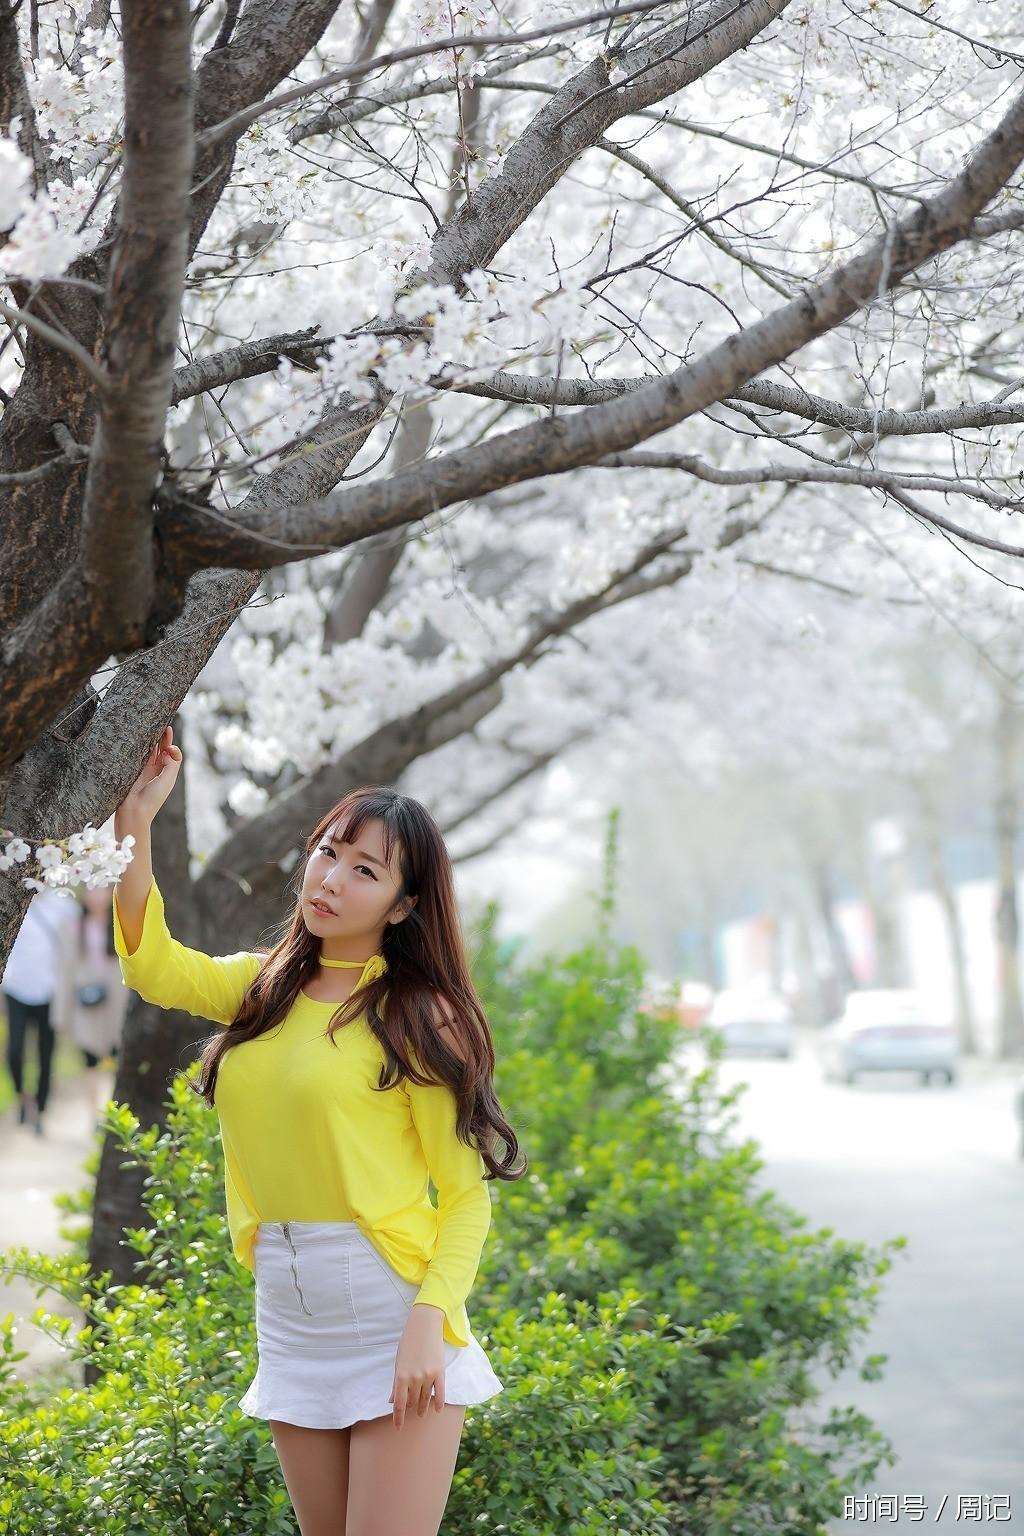 樱花树下的黄衣美女-樱花风景美姑娘也美